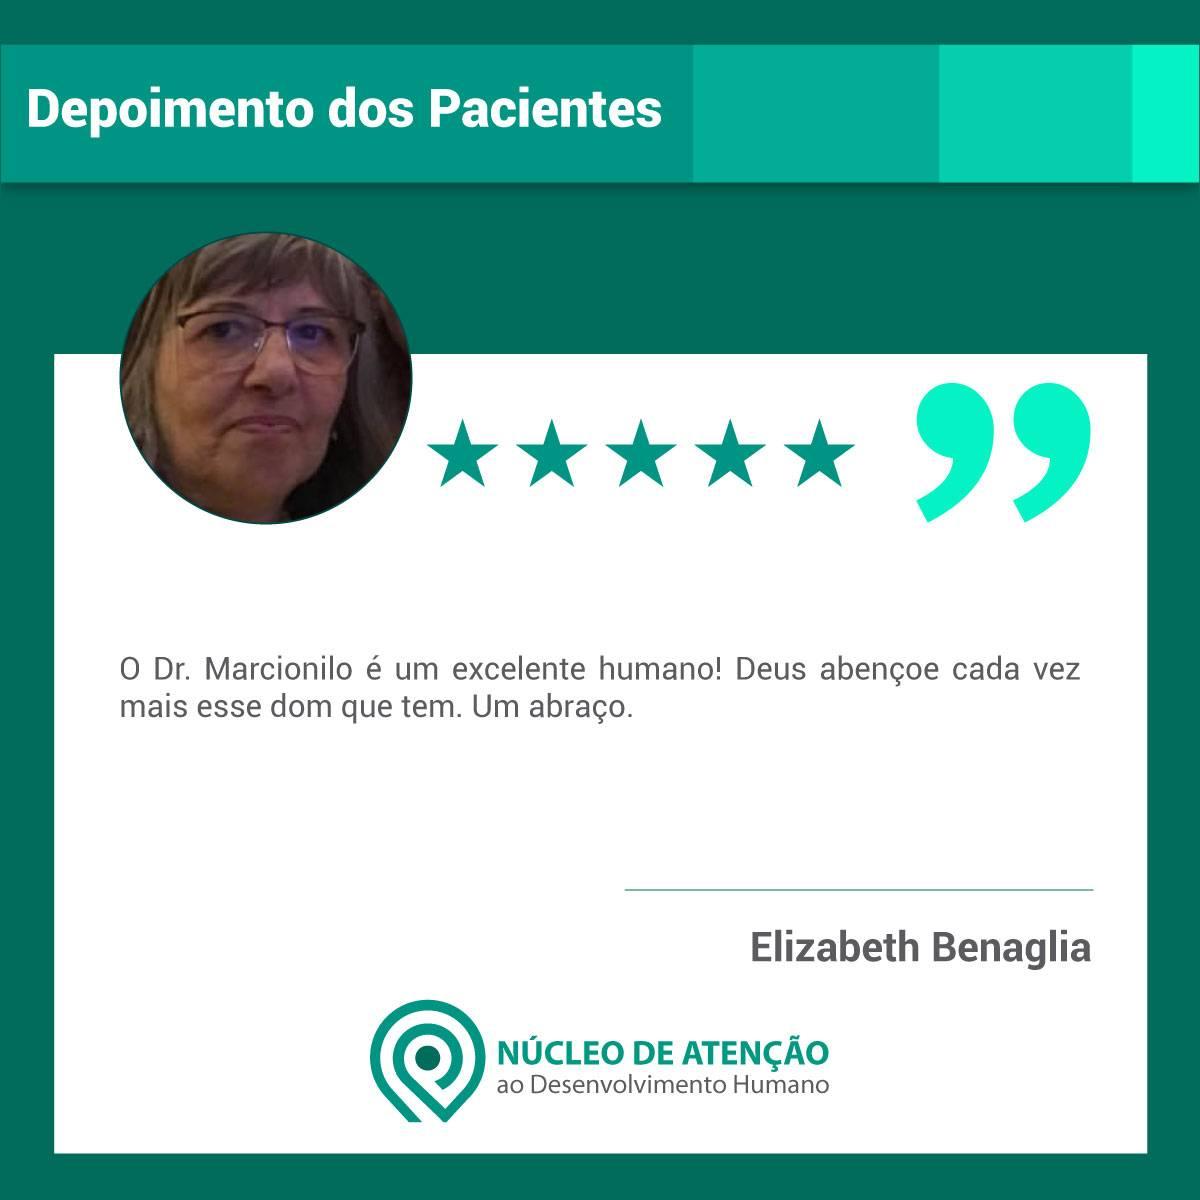 depoimento-dos-pacientes-elisabeth-benaglia